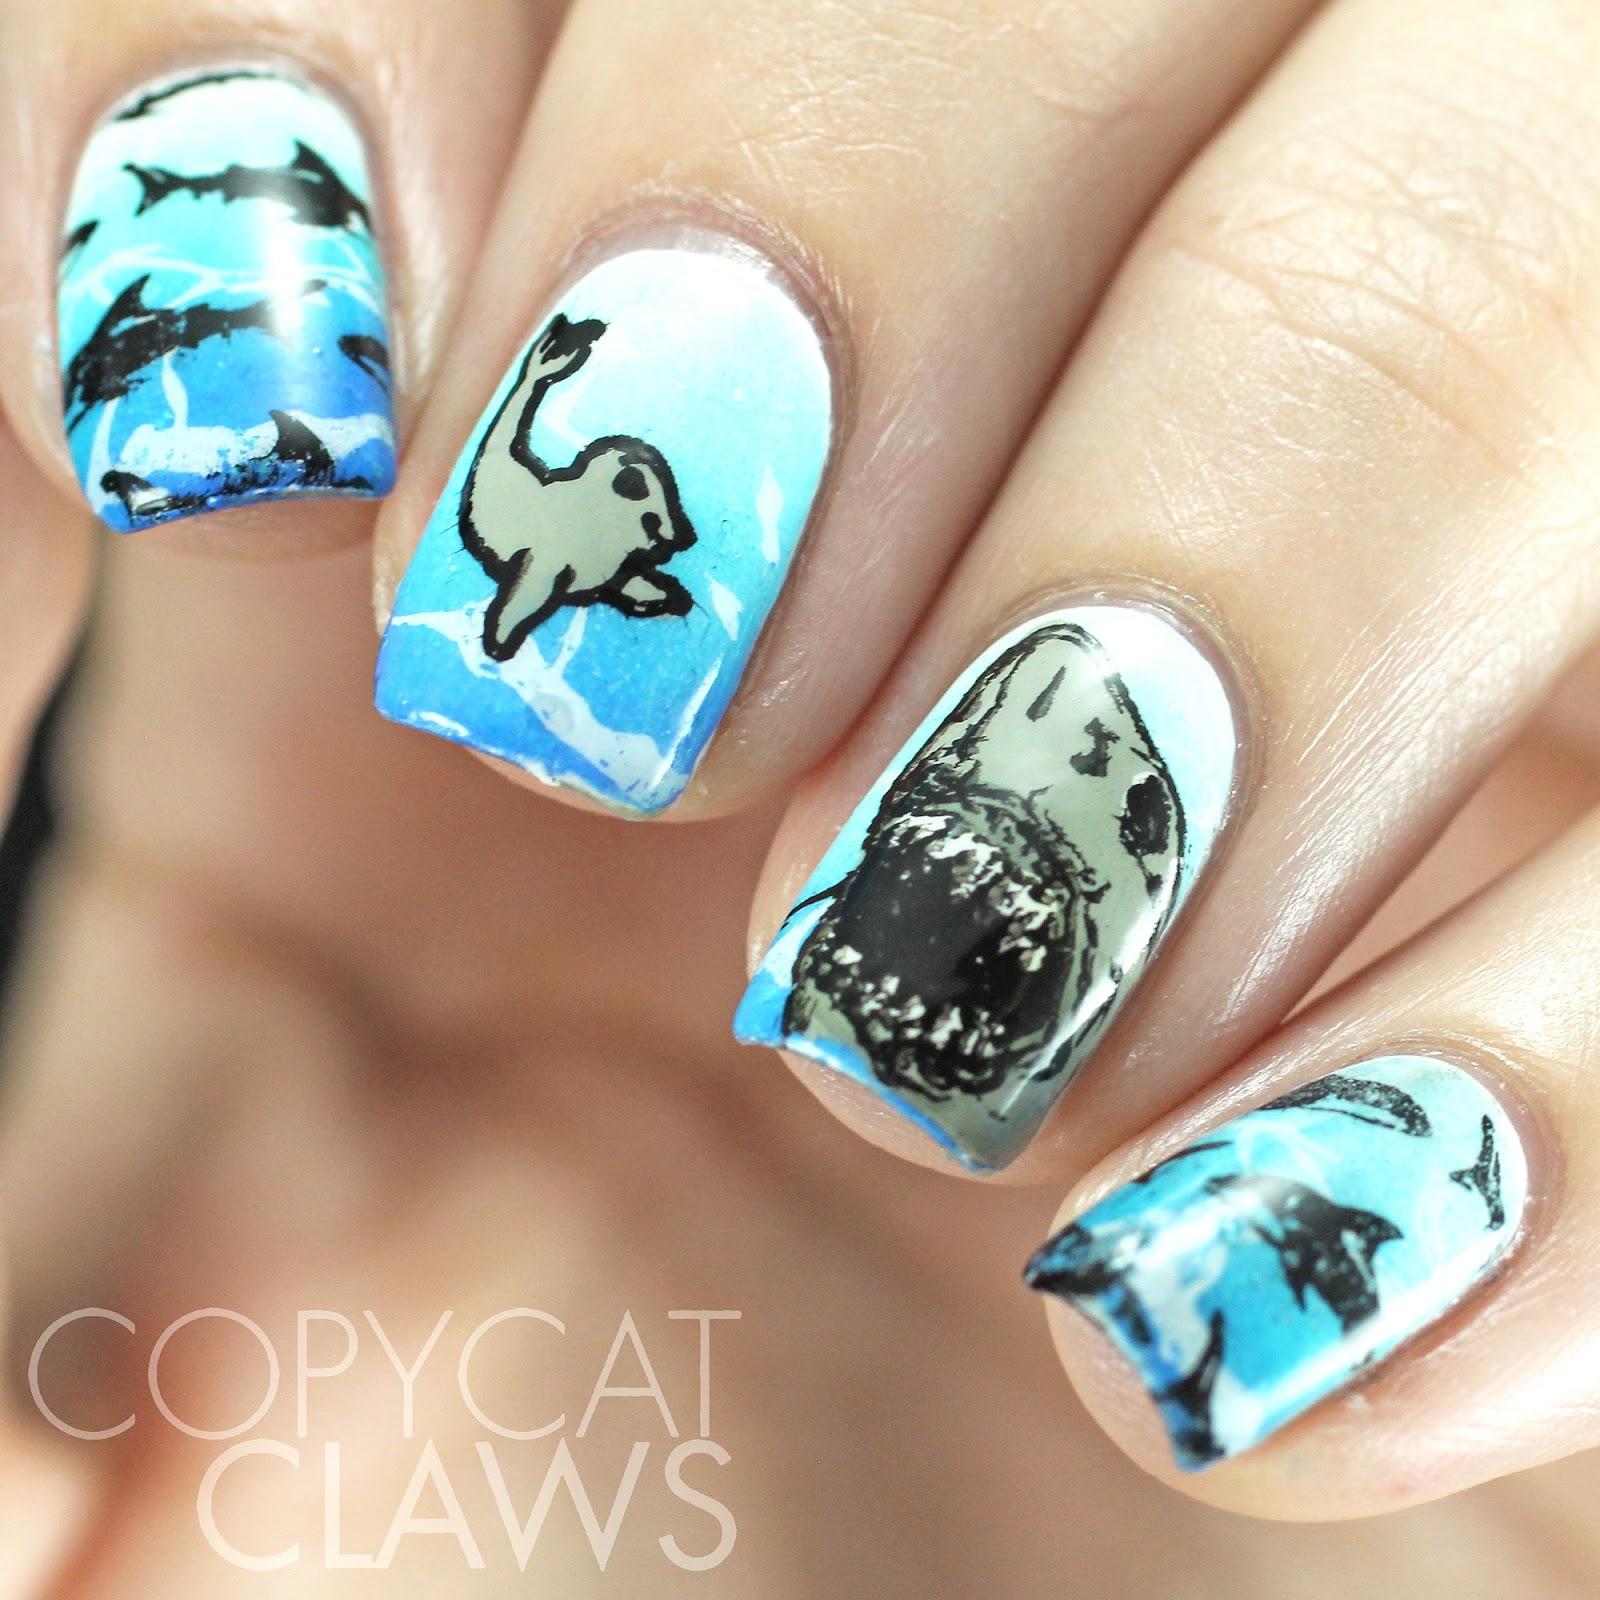 Copycat Claws: Shark Week Nail Stamping